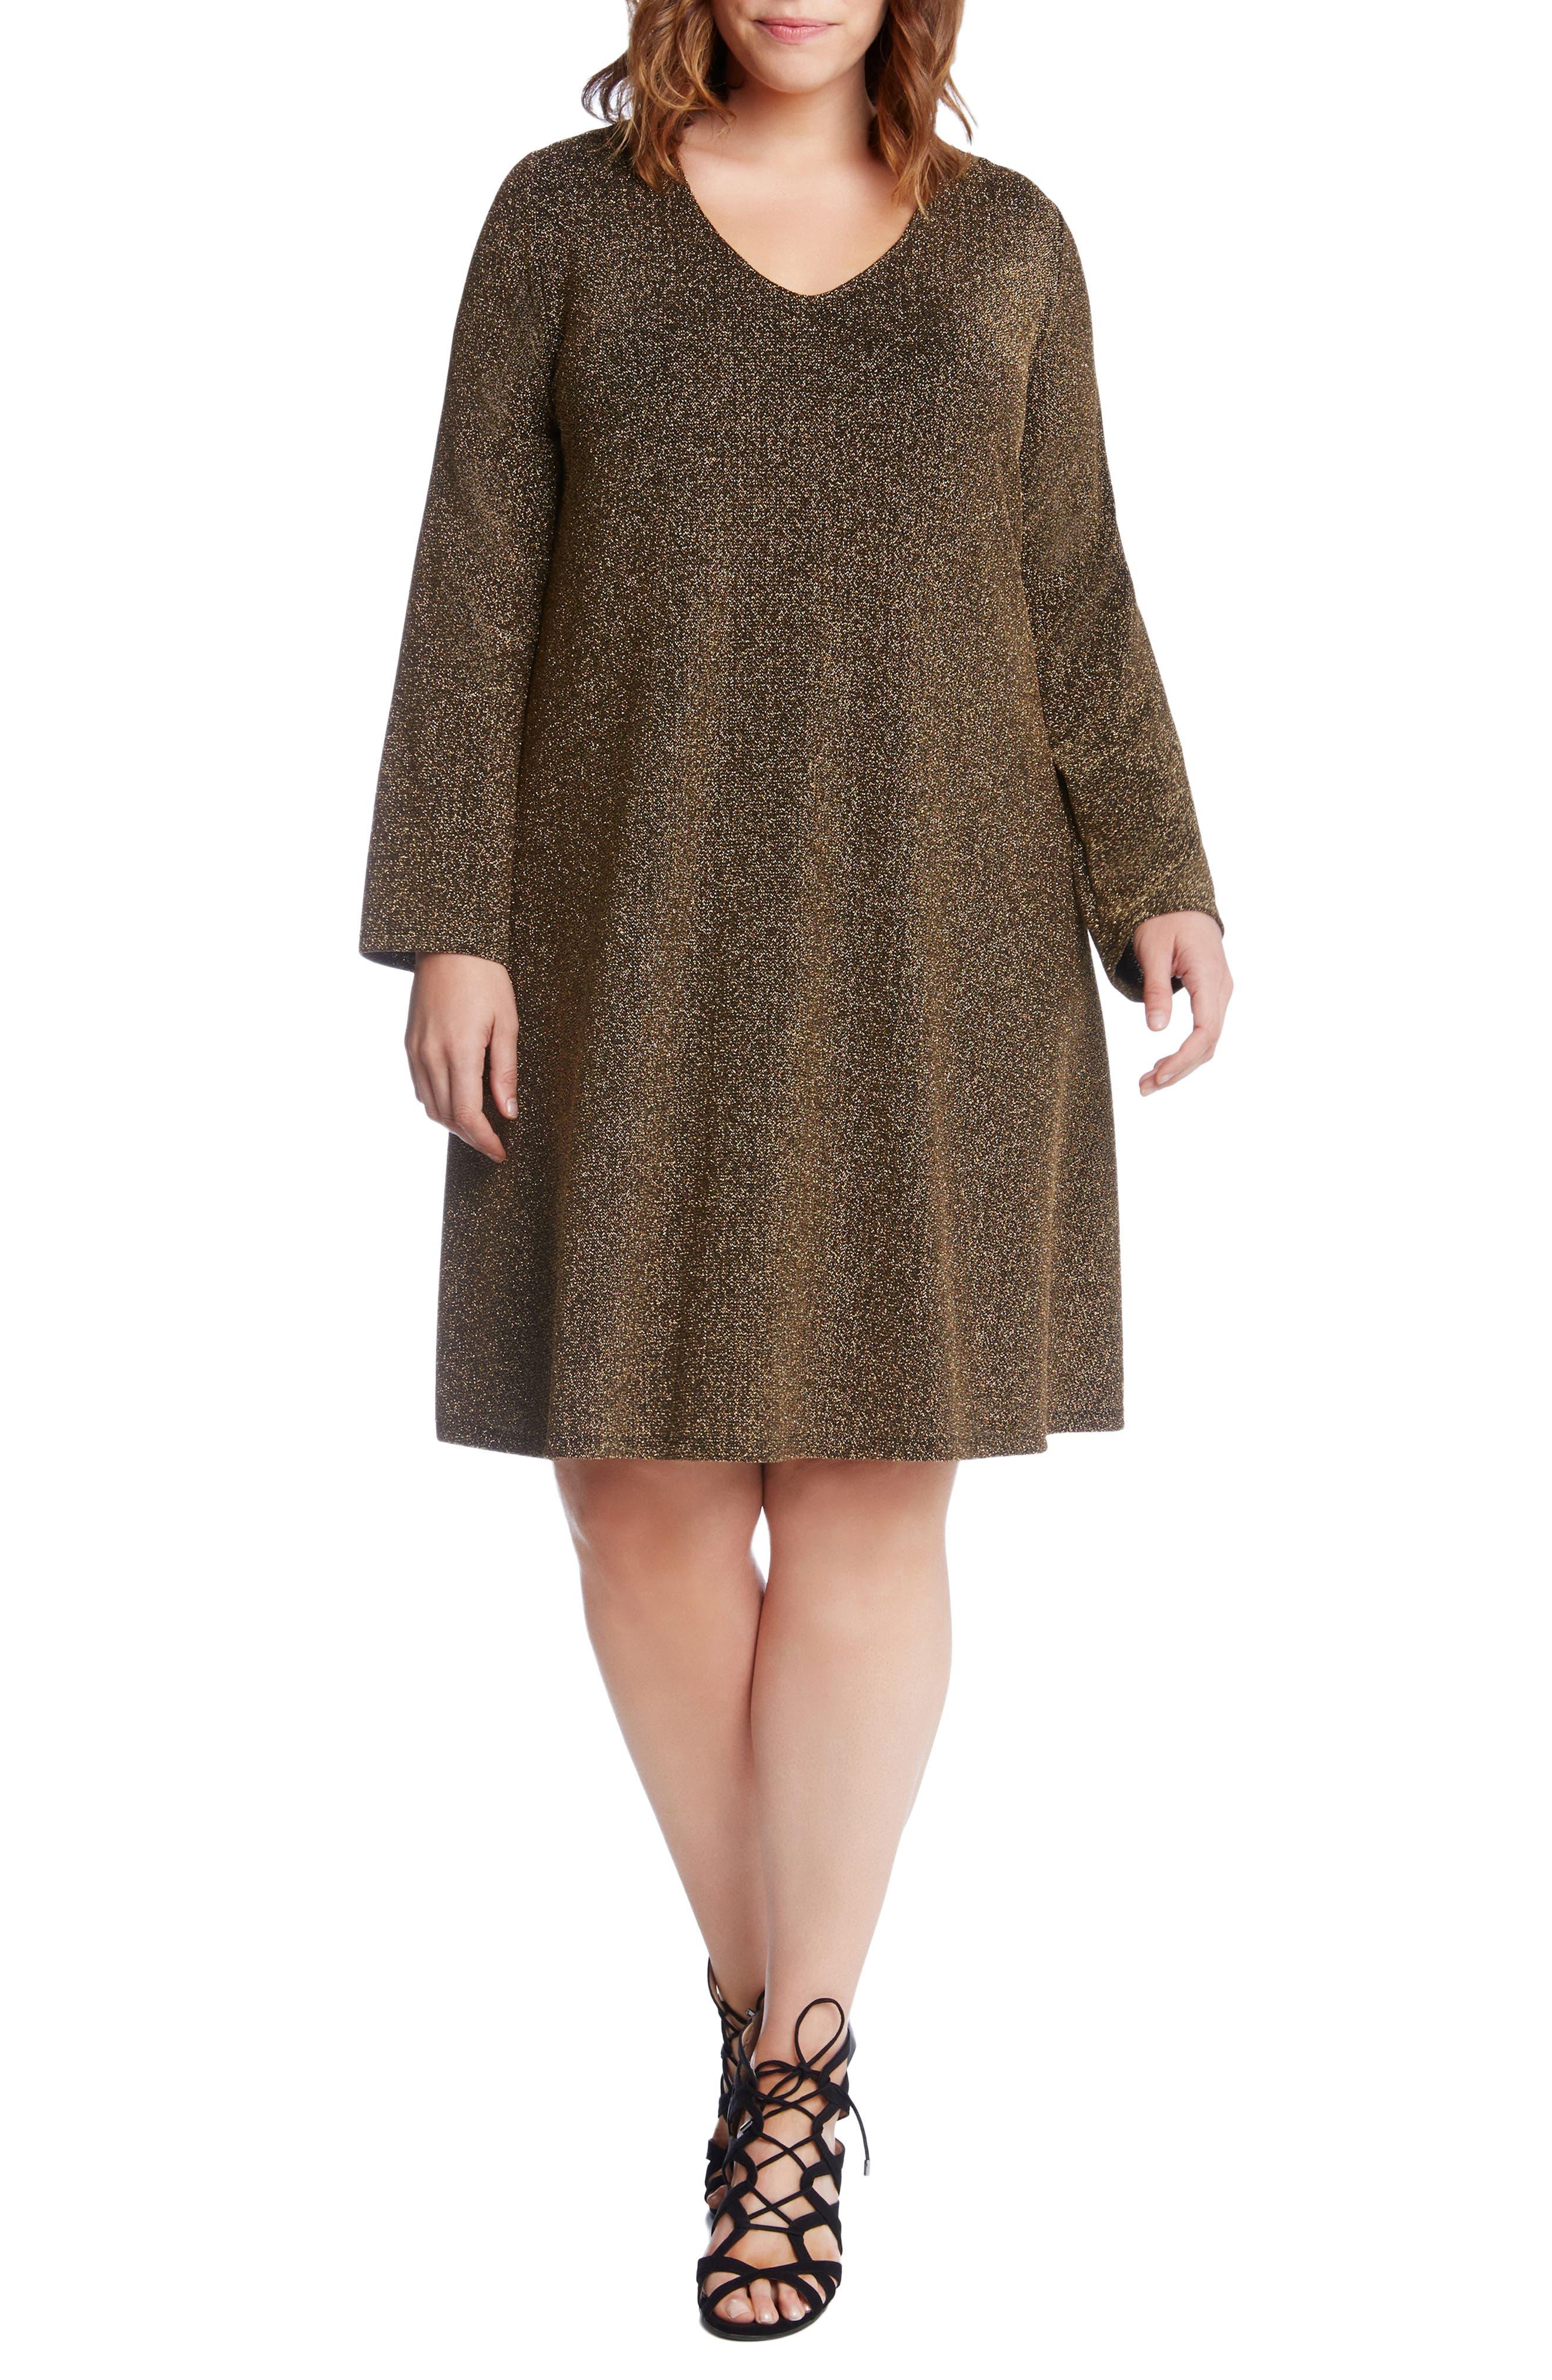 Main Image - Karen Kane Taylor Gold Knit Dress (Plus Size)